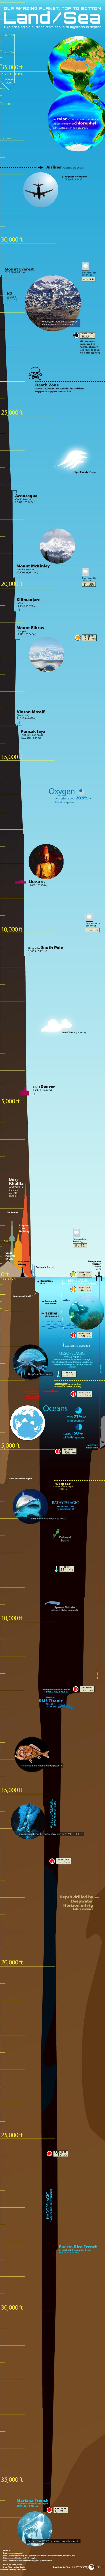 oap-landsea-oceans-130228a-02